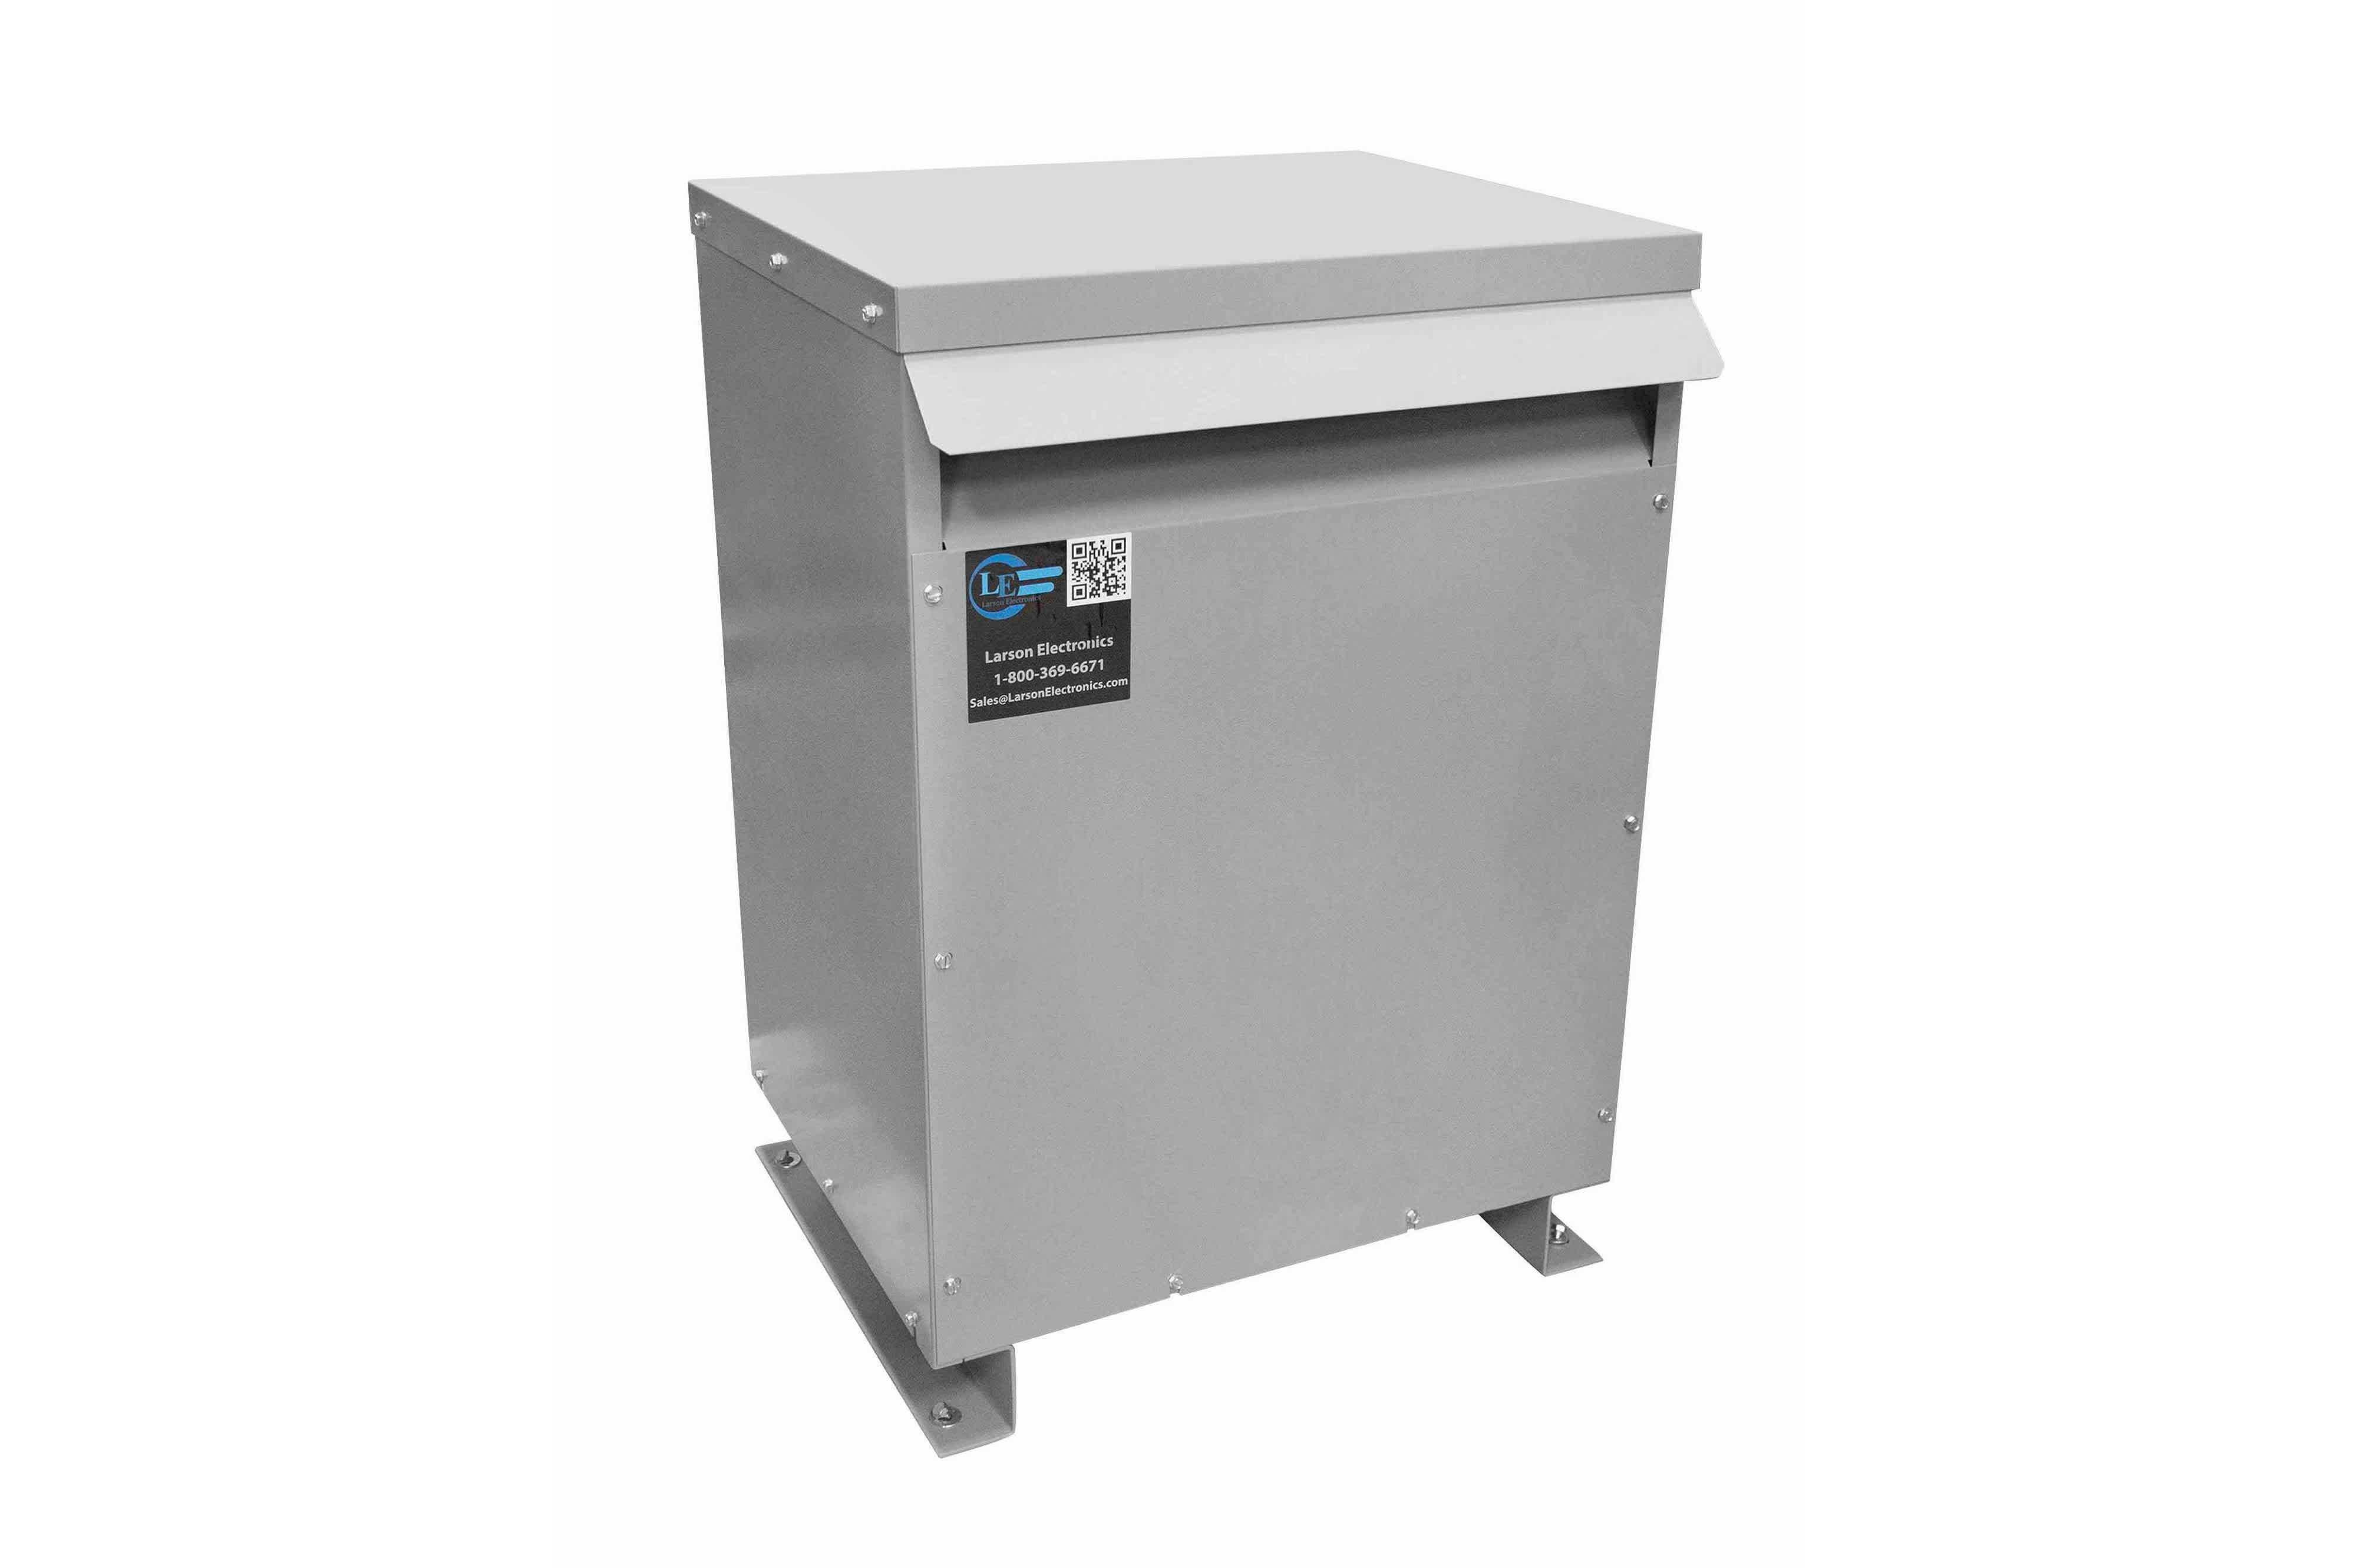 26 kVA 3PH Isolation Transformer, 415V Delta Primary, 240 Delta Secondary, N3R, Ventilated, 60 Hz